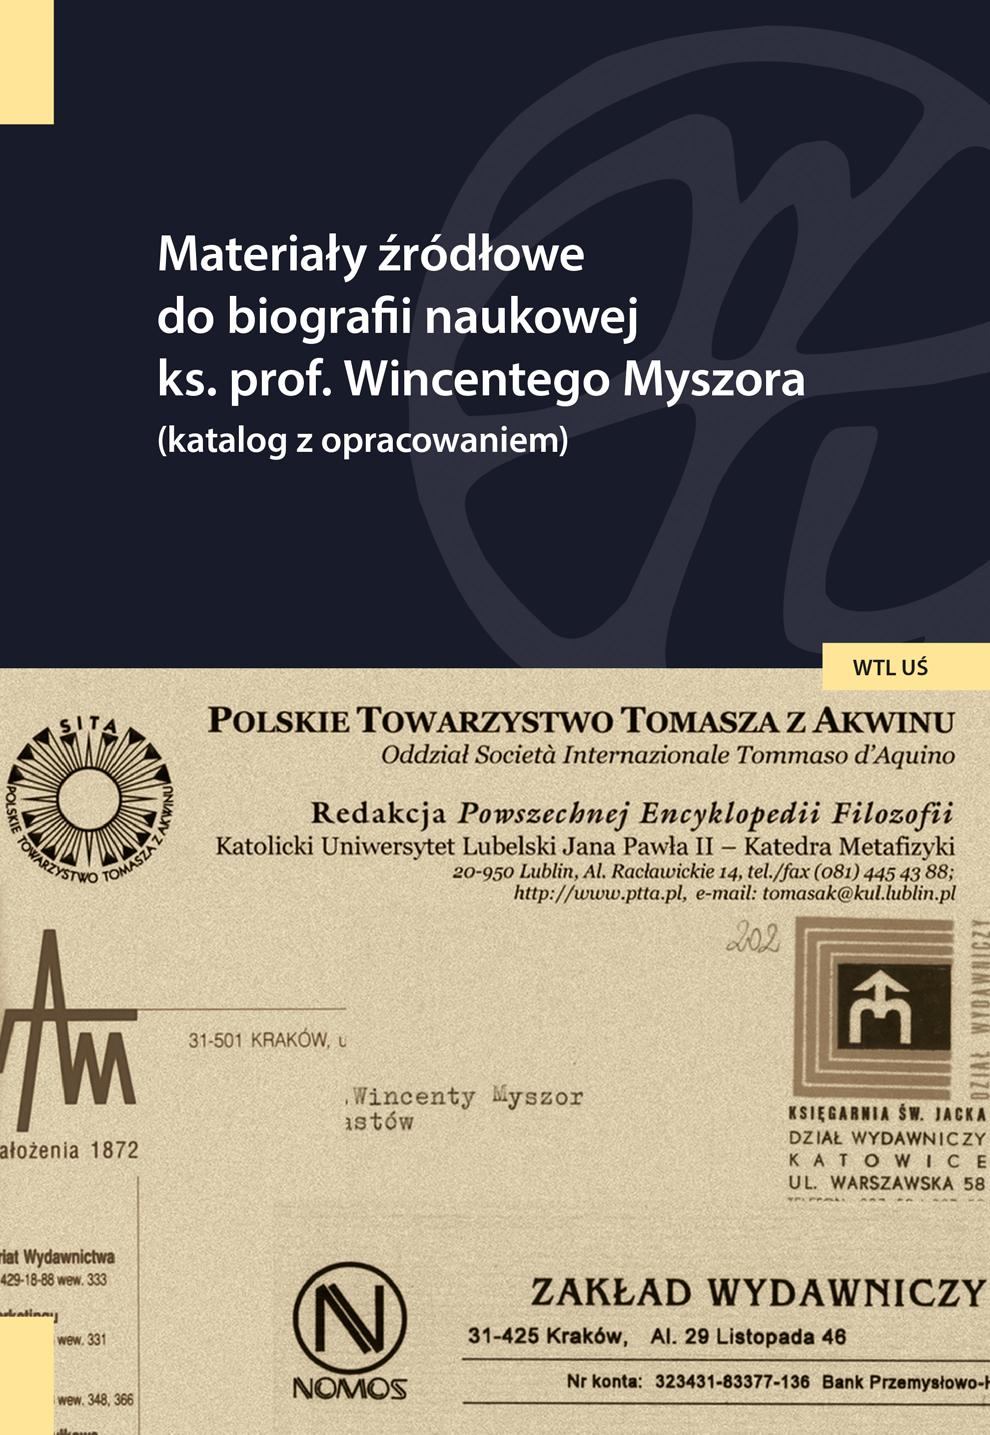 Materiały źródłowe do biografii naukowej ks. prof. Wincentego Myszora (katalog z opracowaniem)